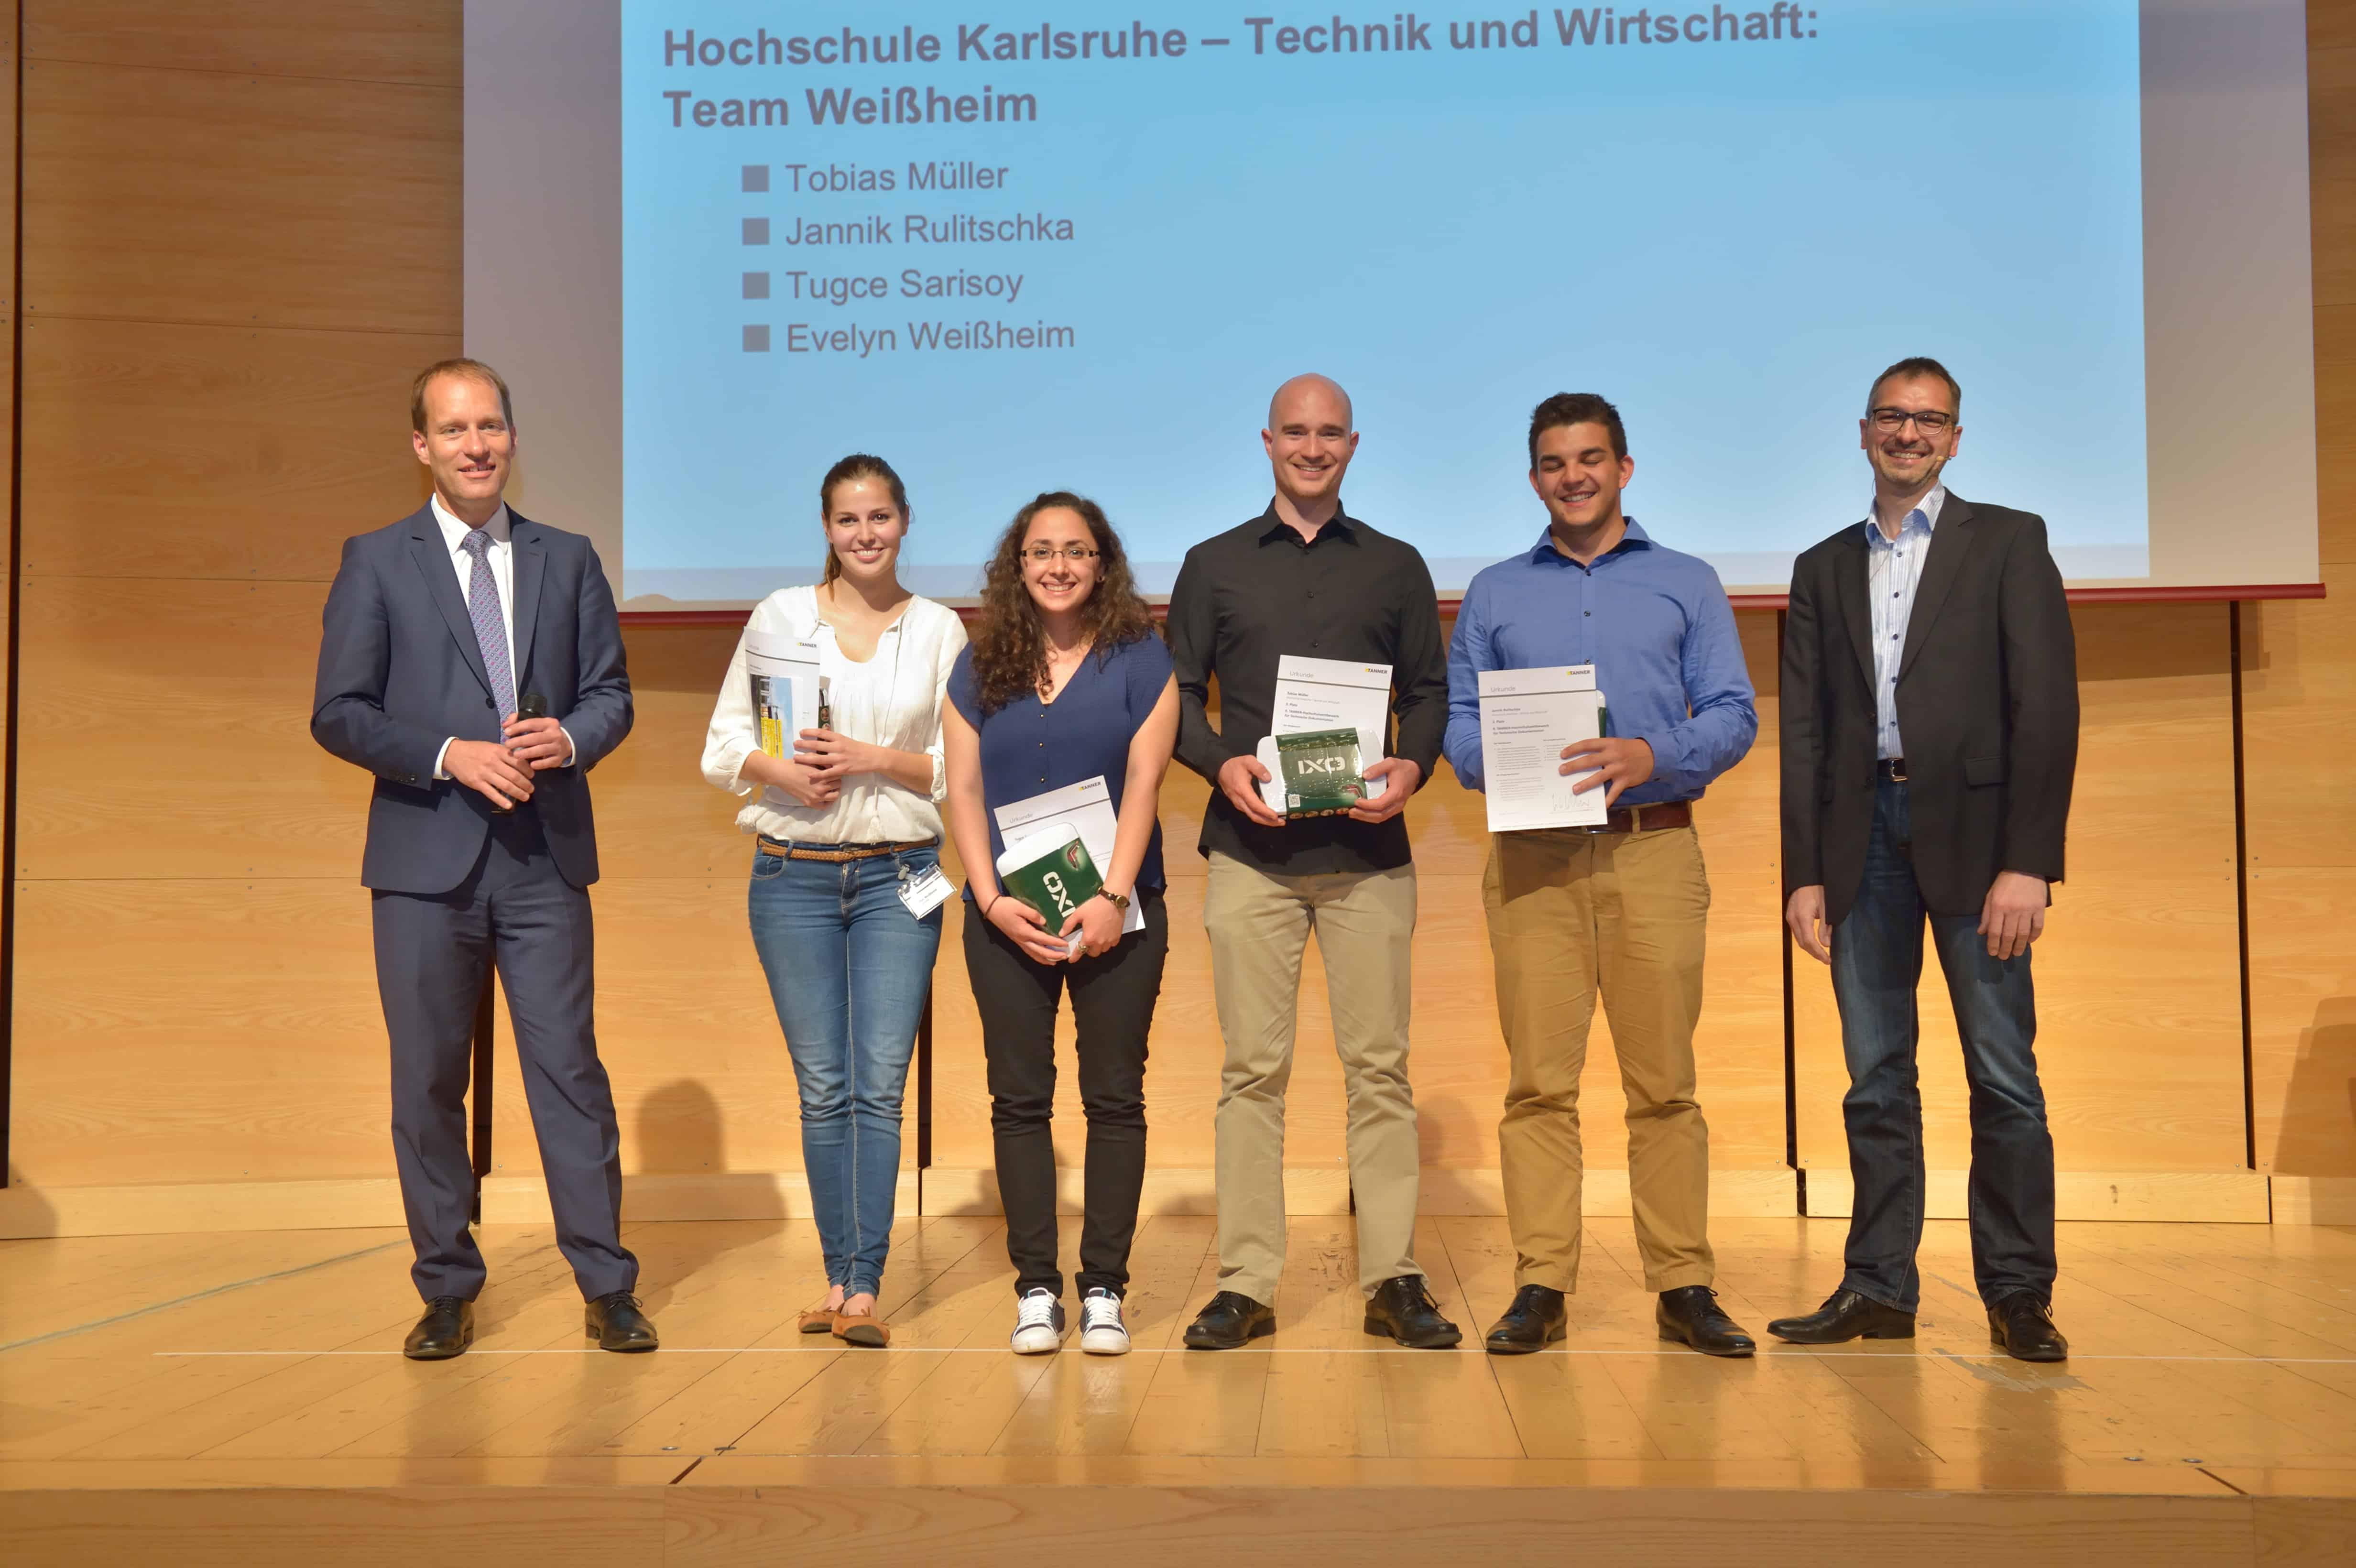 Impressionen von der Preisverleihung des 9. TANNER-Hochschulwettbewerbs